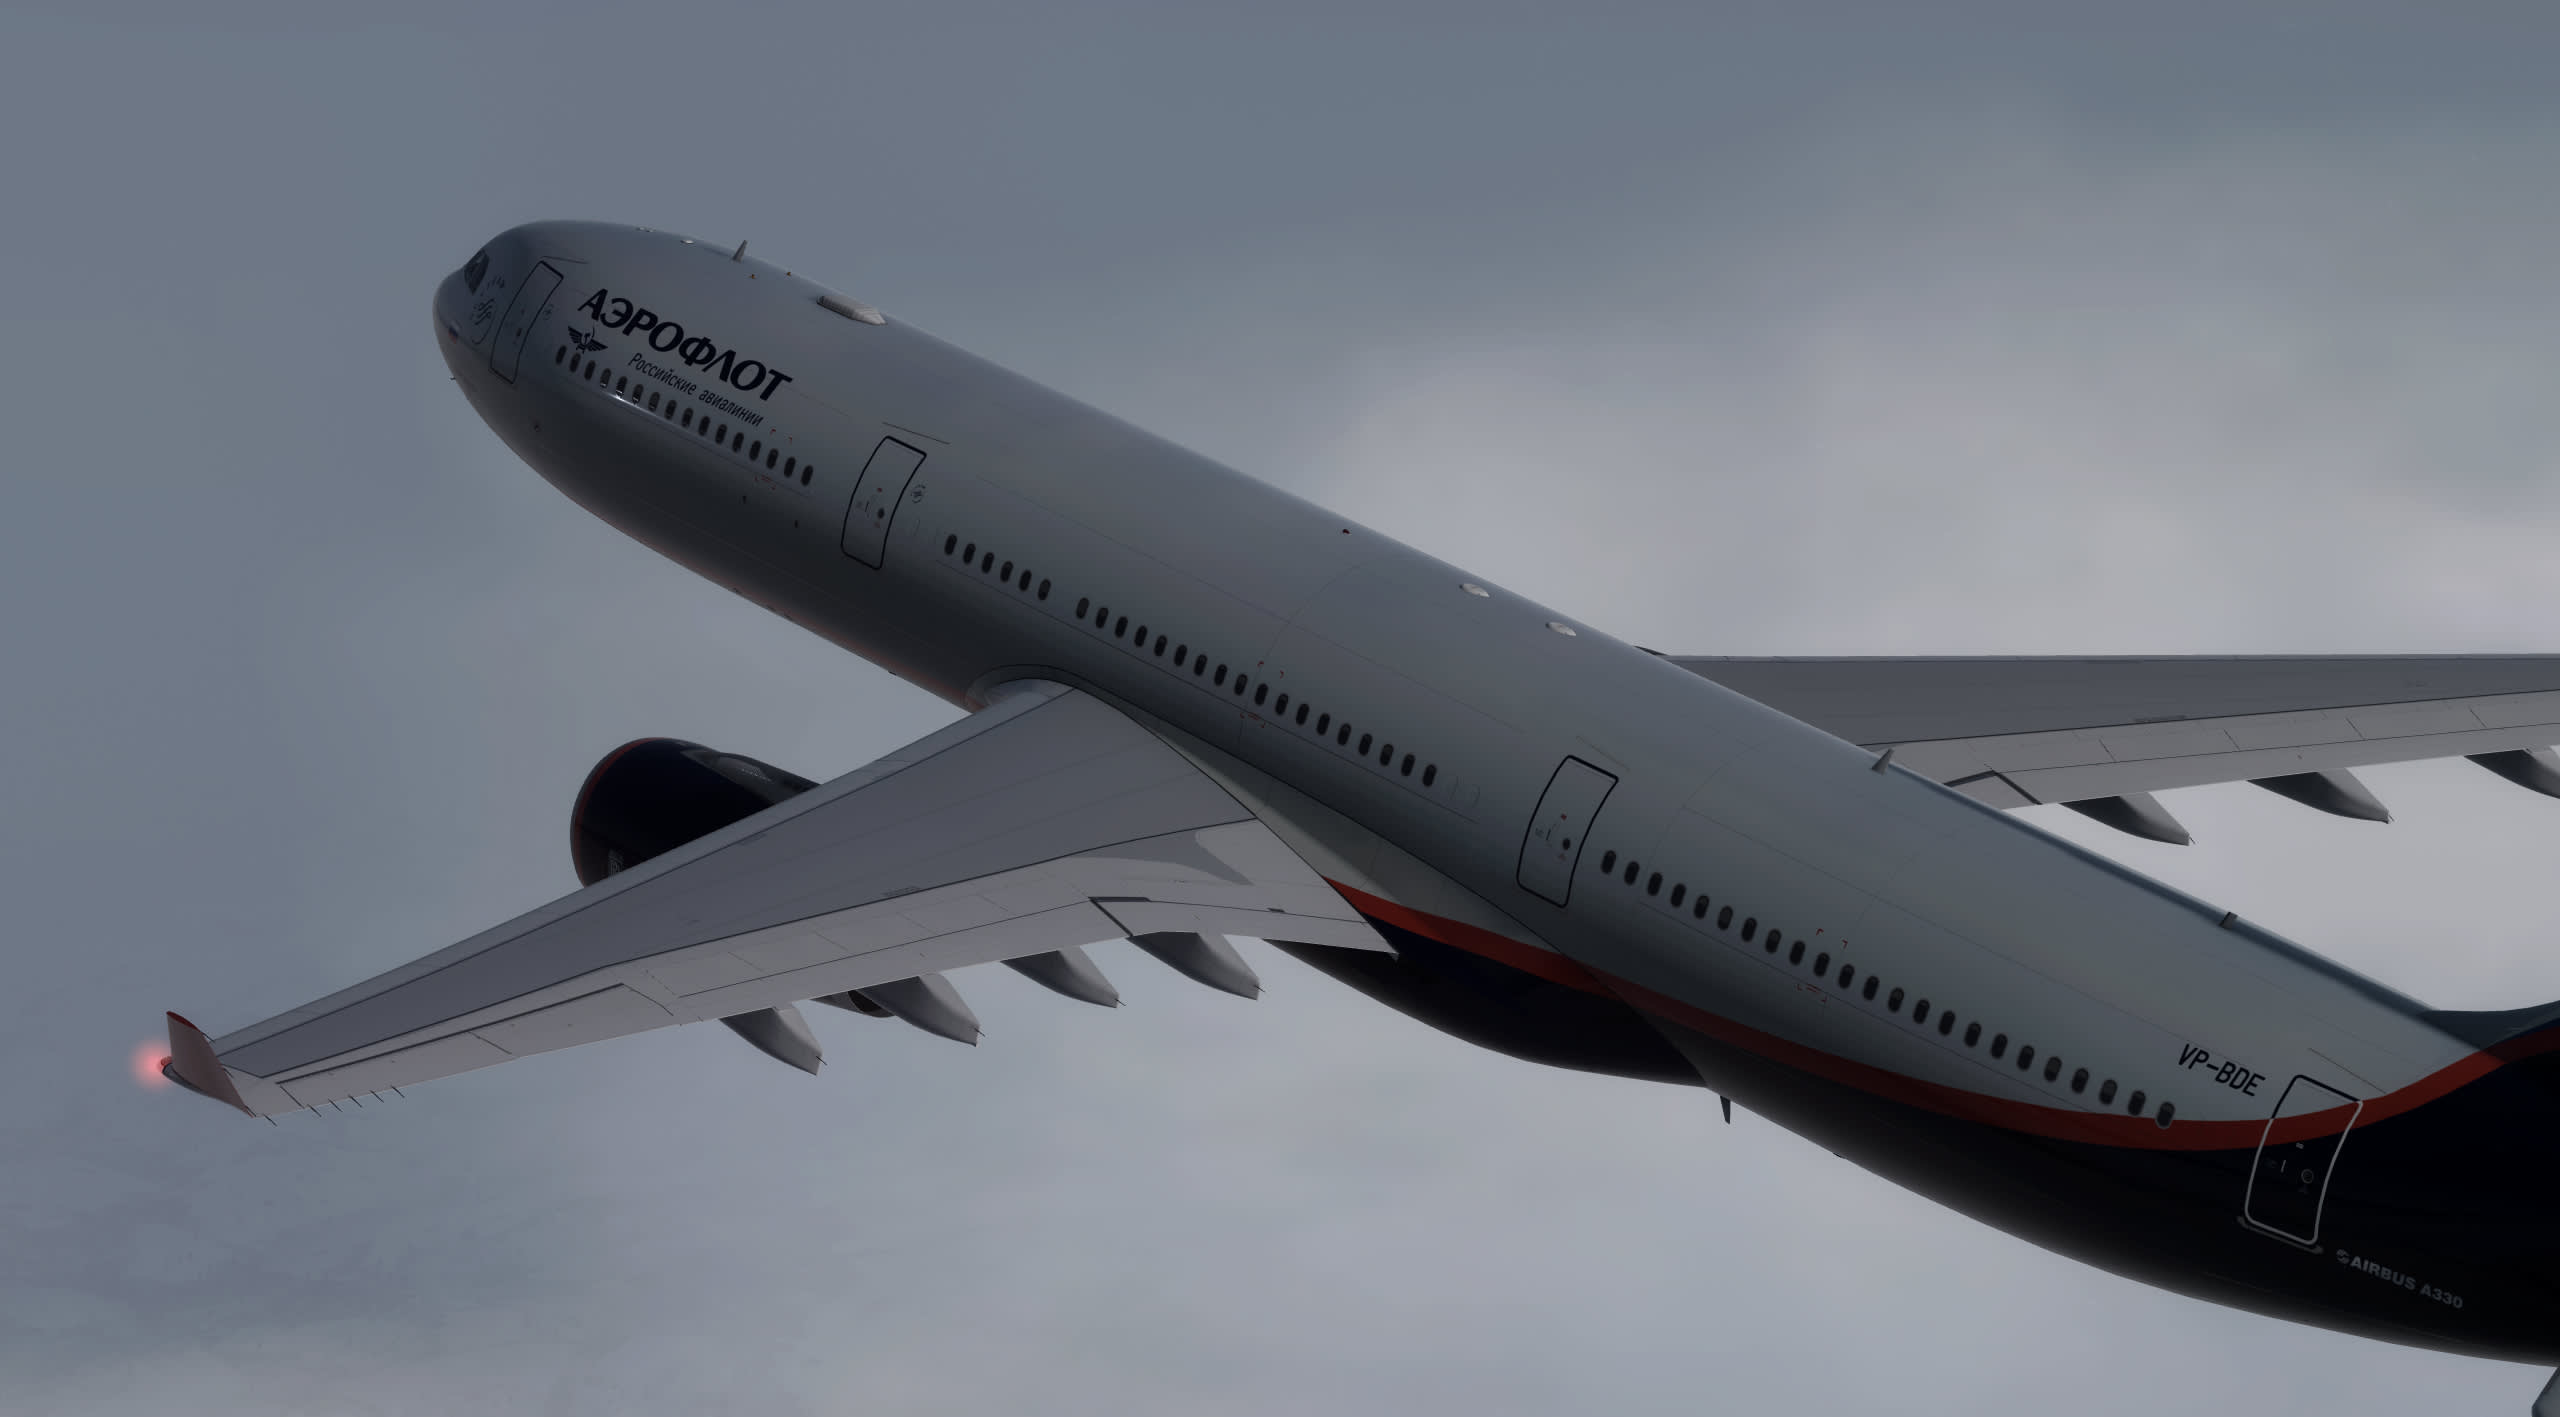 AFL A333